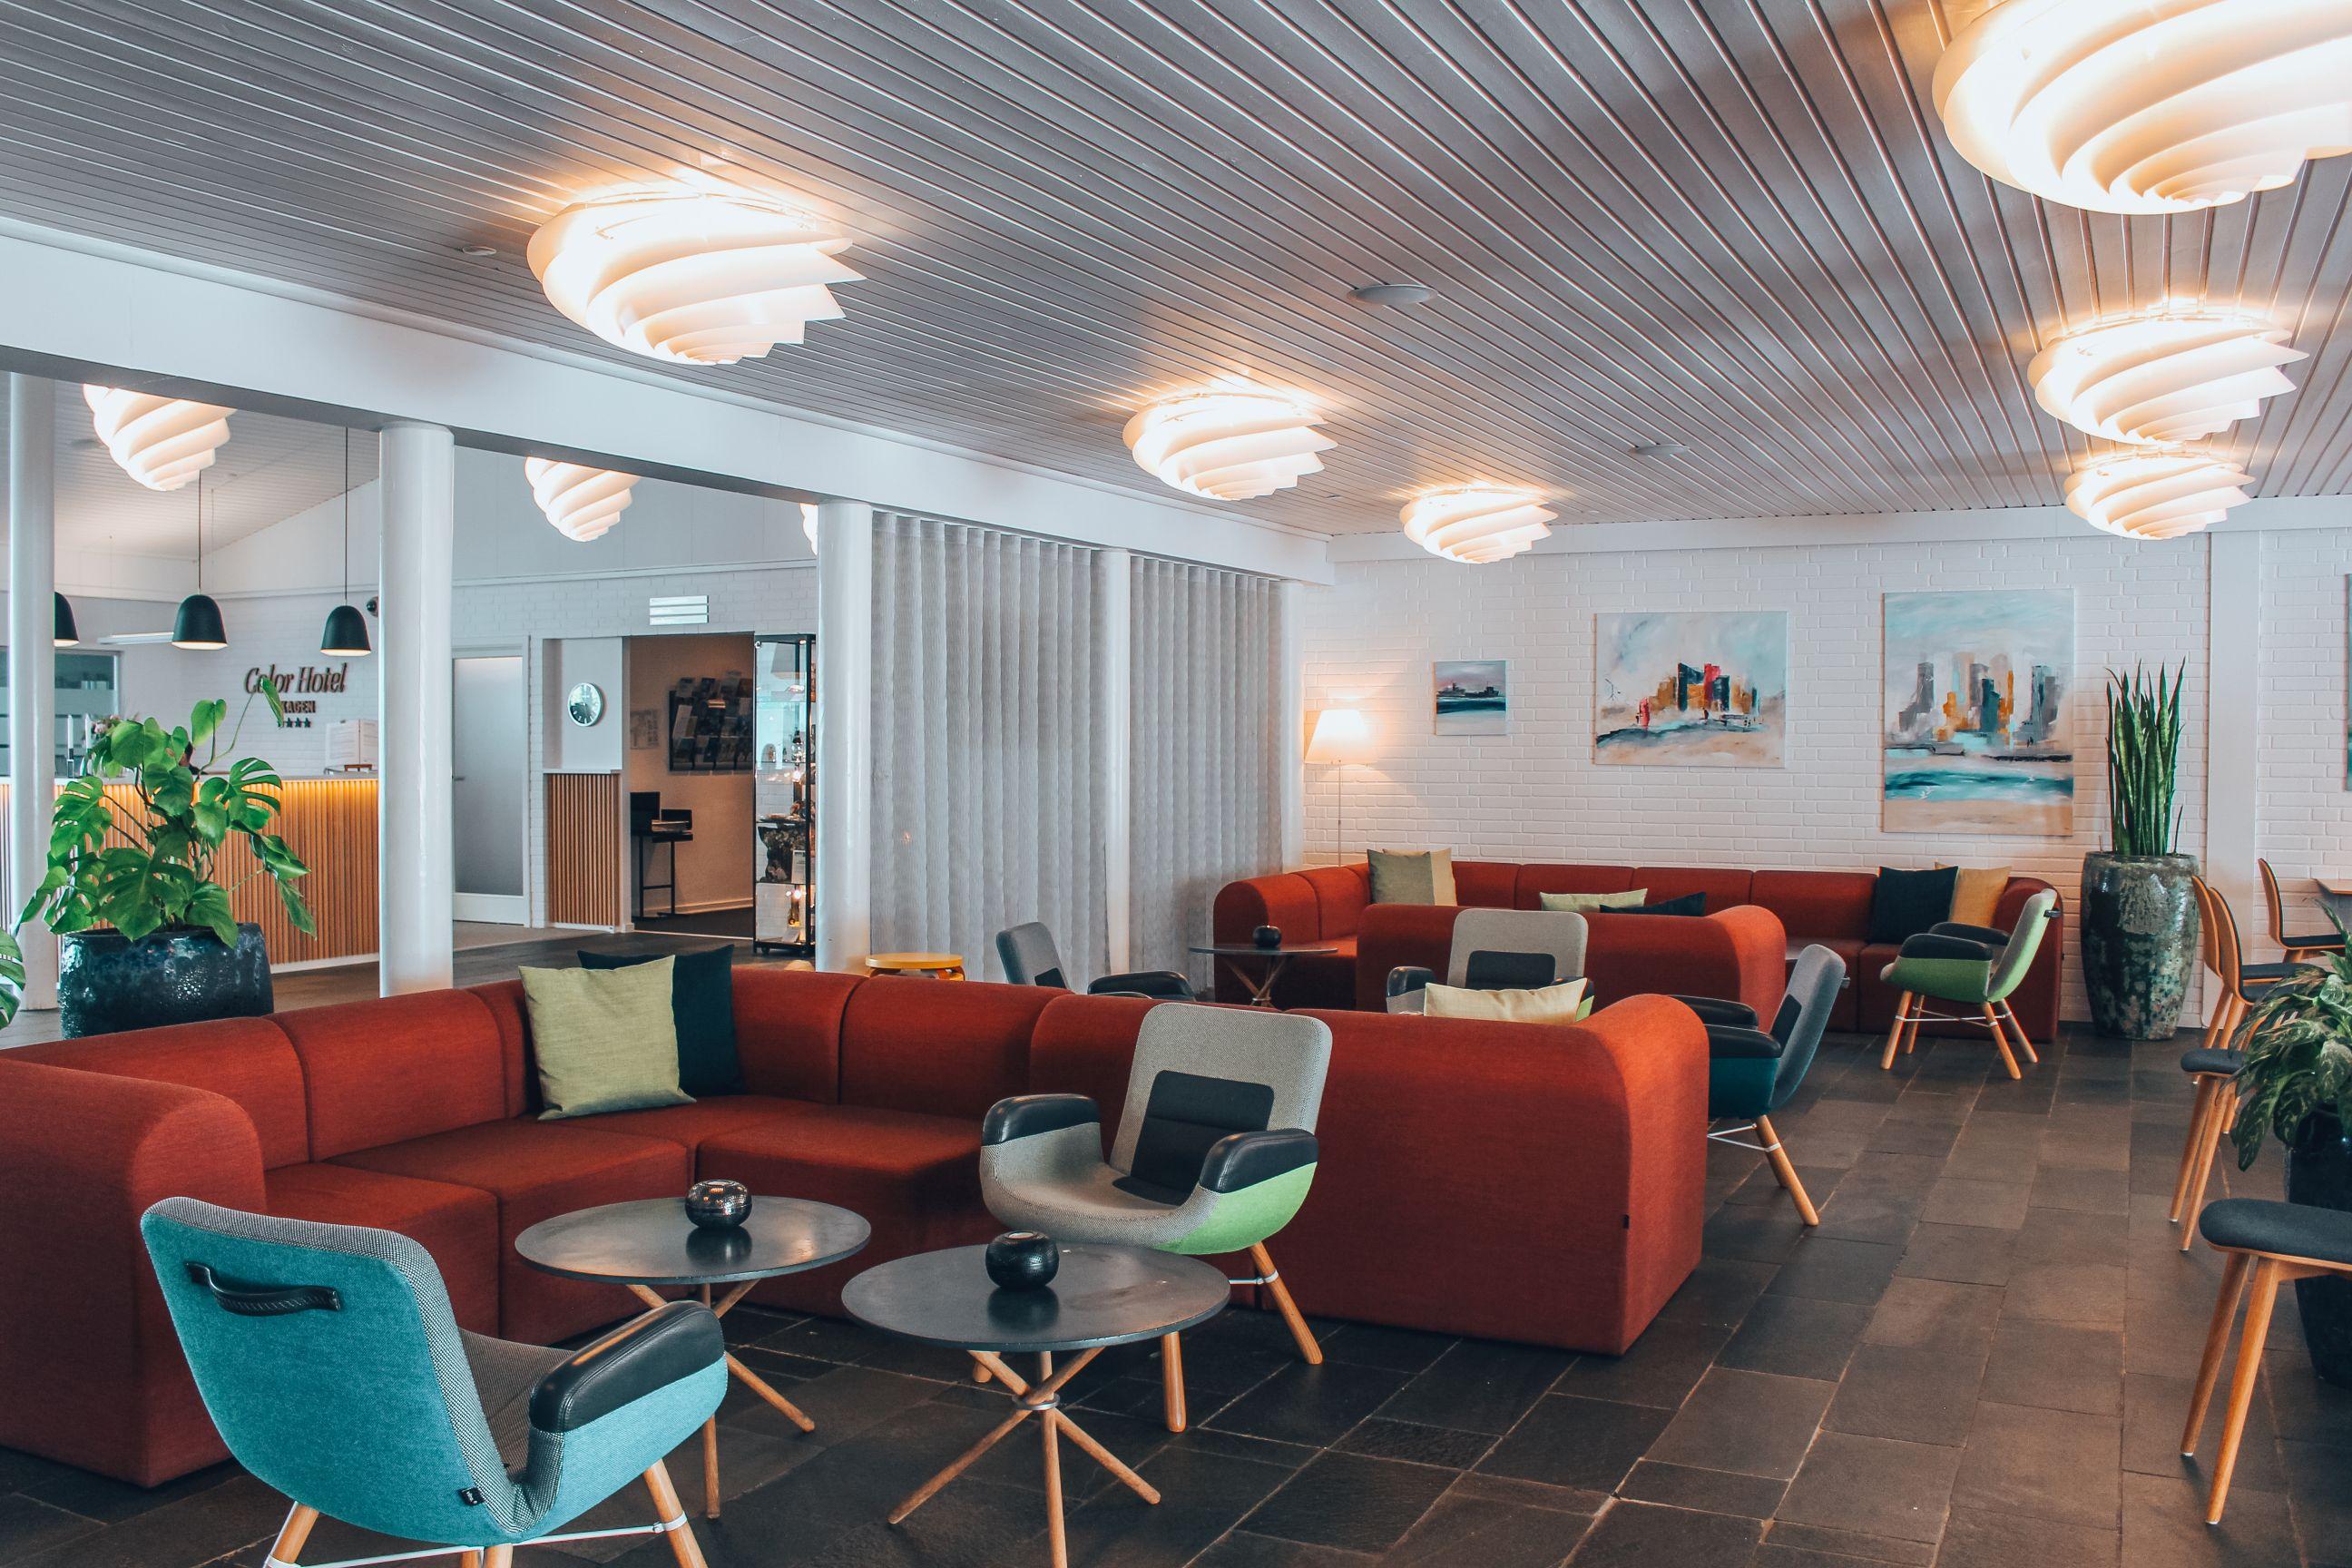 Color Skagen Hotel